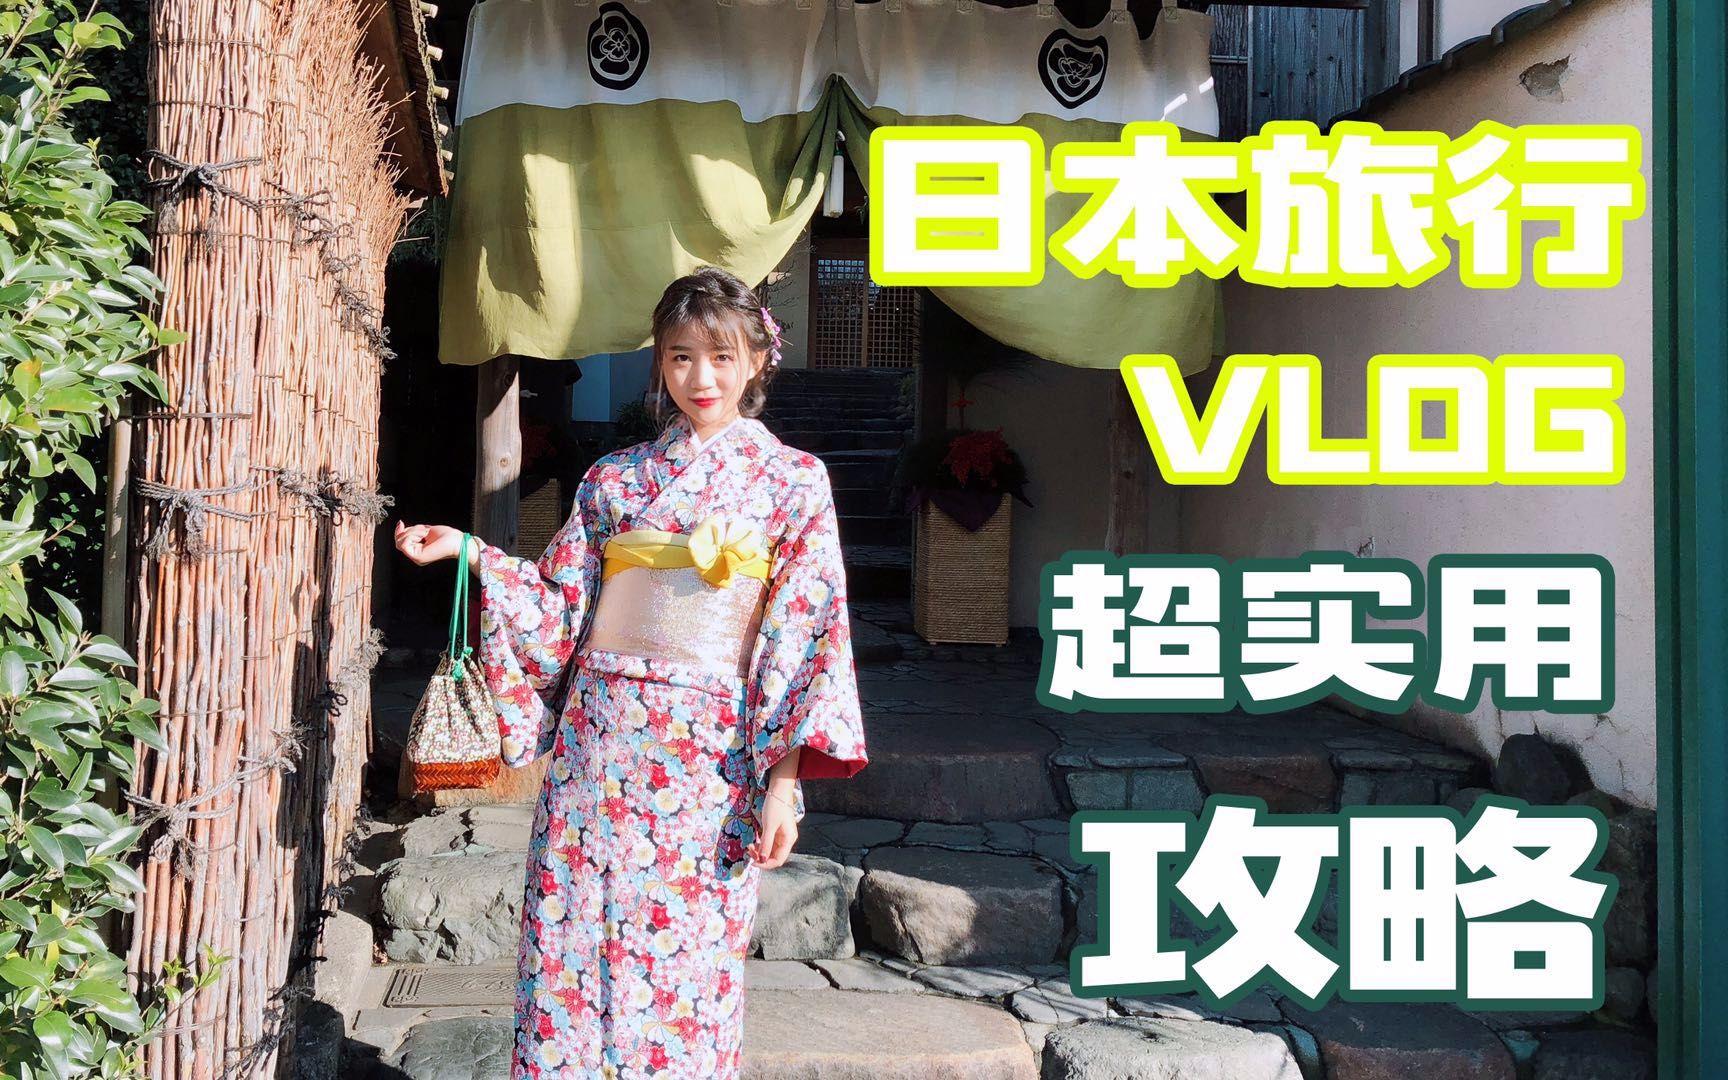 【栗啊】日本旅行VLOG+超详细超实用的日本自由行攻略 交通 | 购物 | 住宿 |